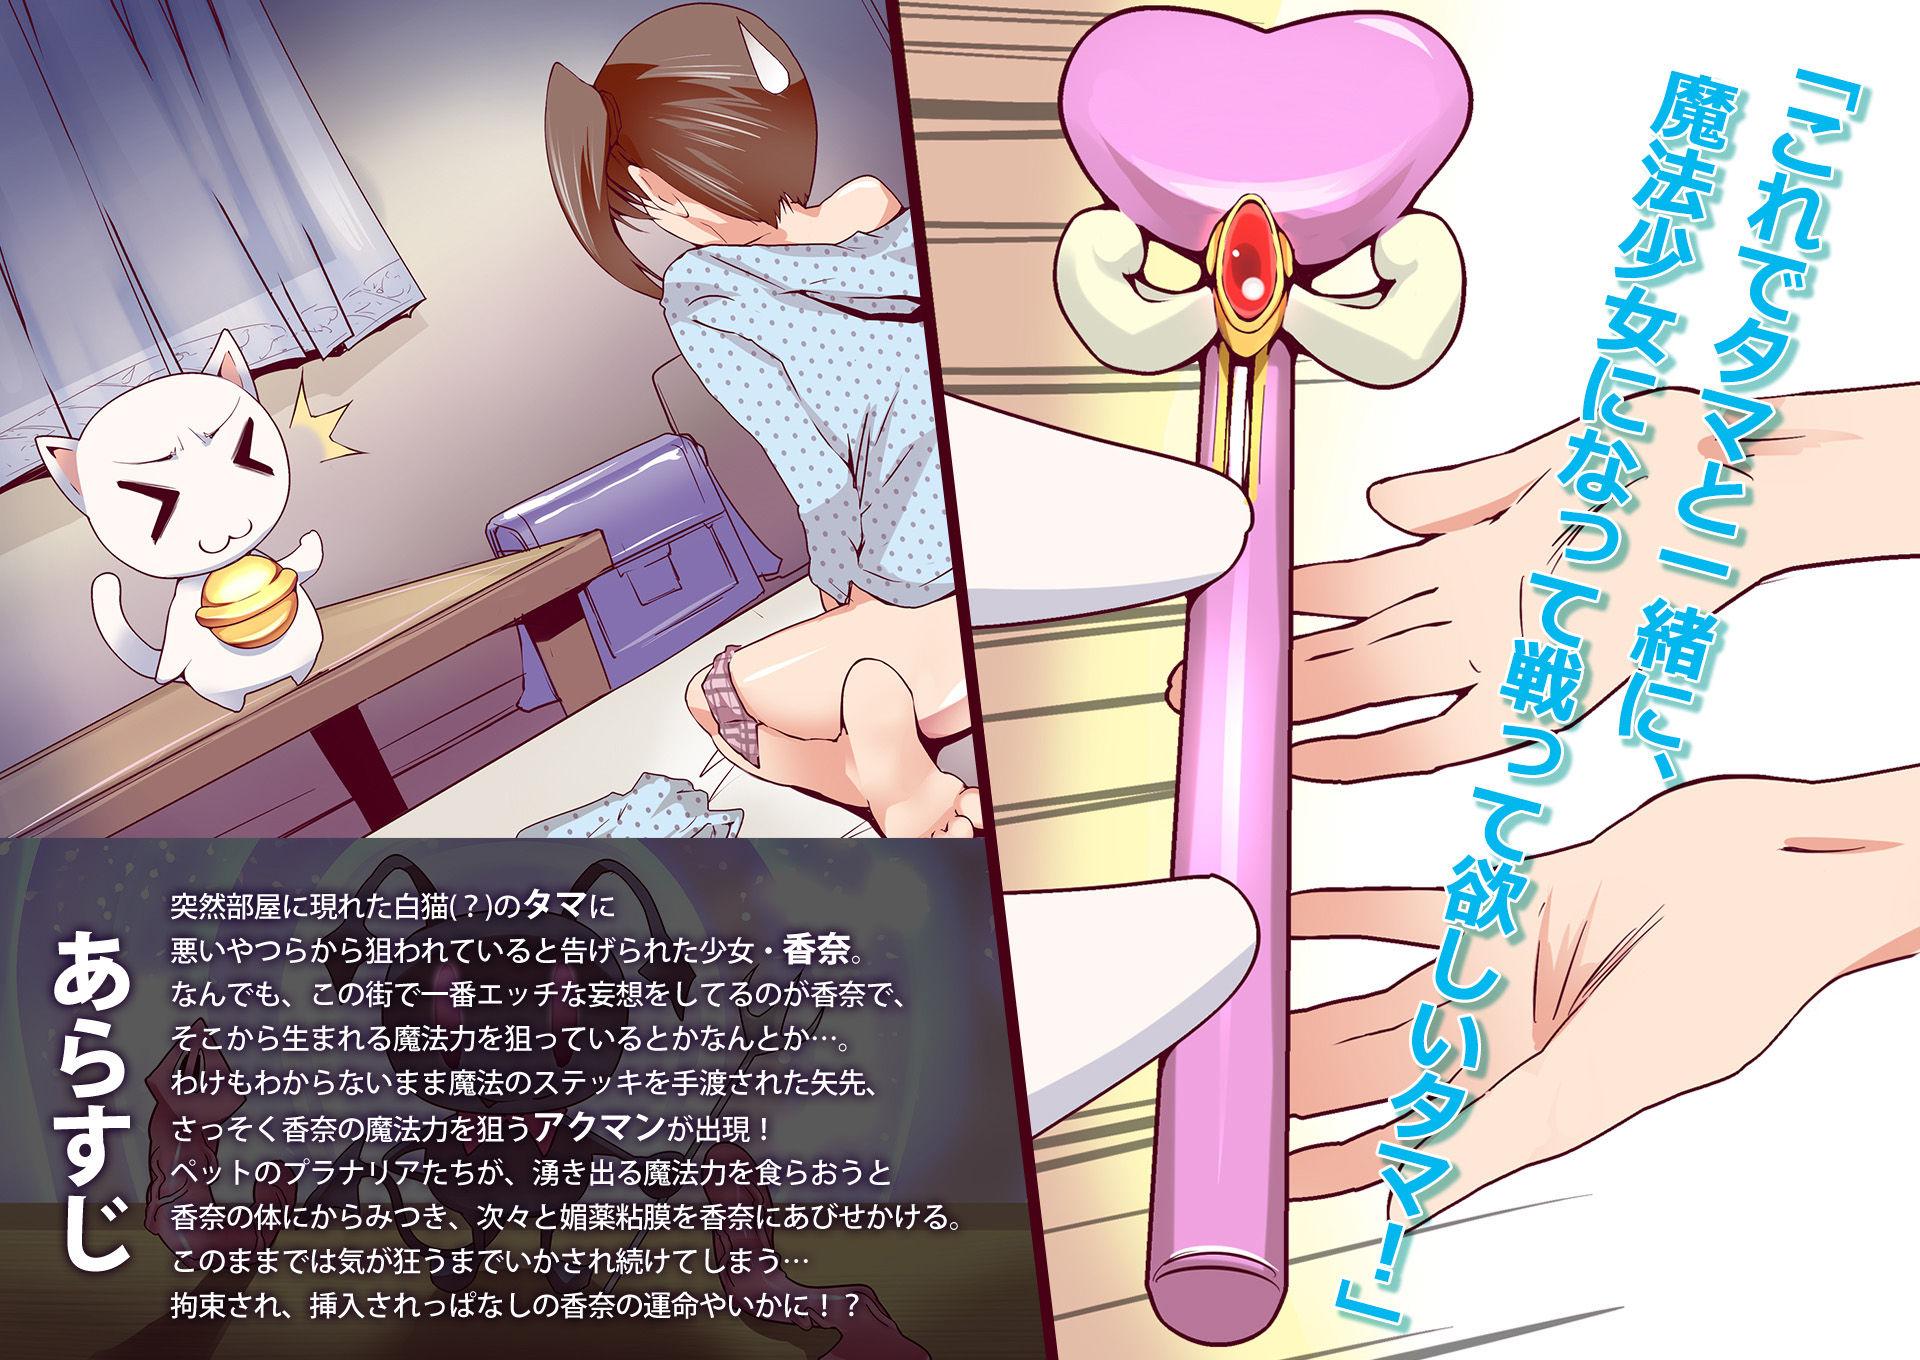 オナっ娘魔法少女プニプニ触手洗礼! 画像1